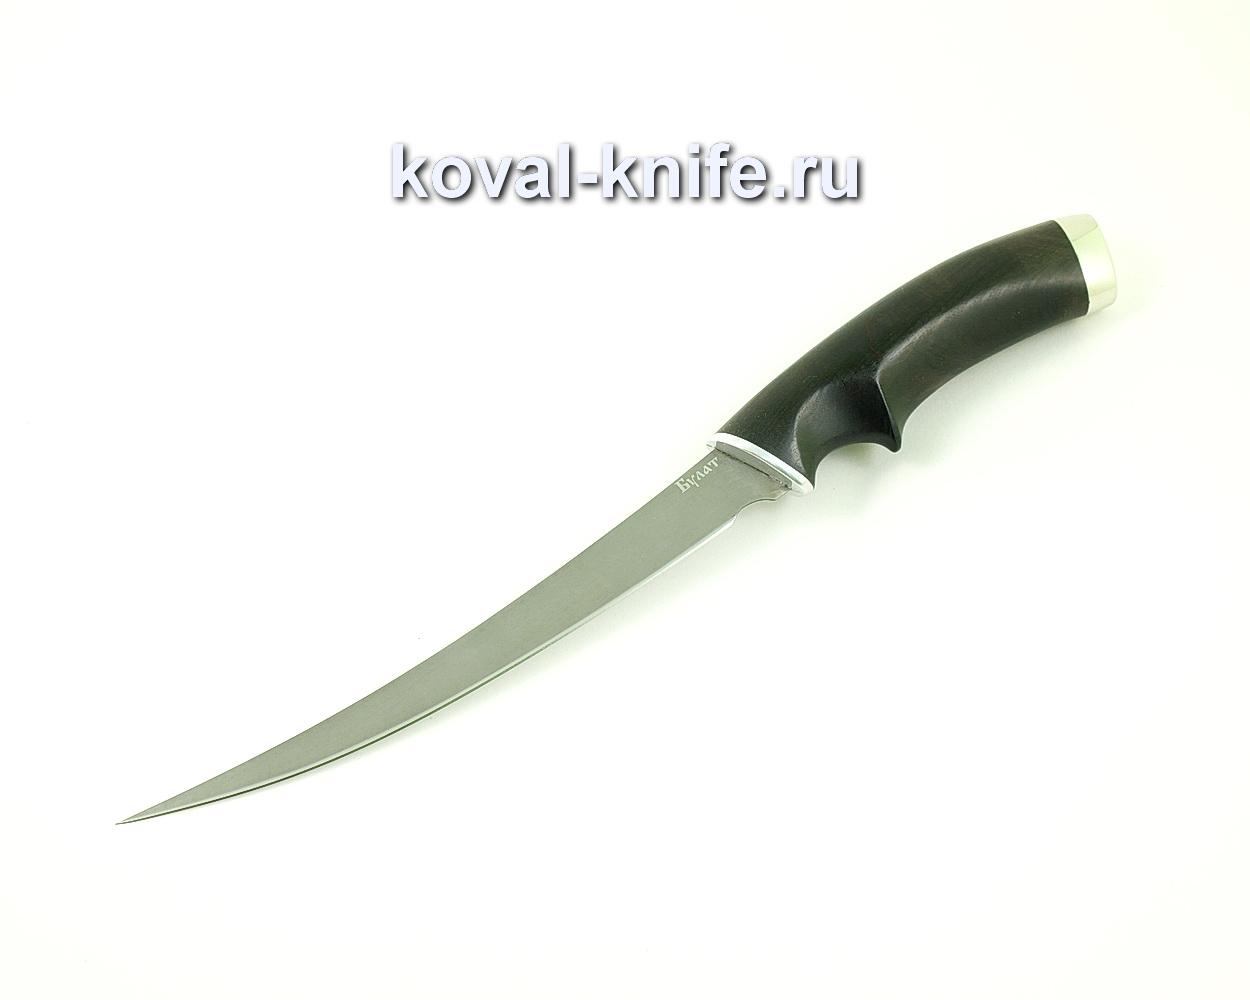 Нож из булатной стали Филейный (Легированный булат, рукоять граб и мельхиор) A450